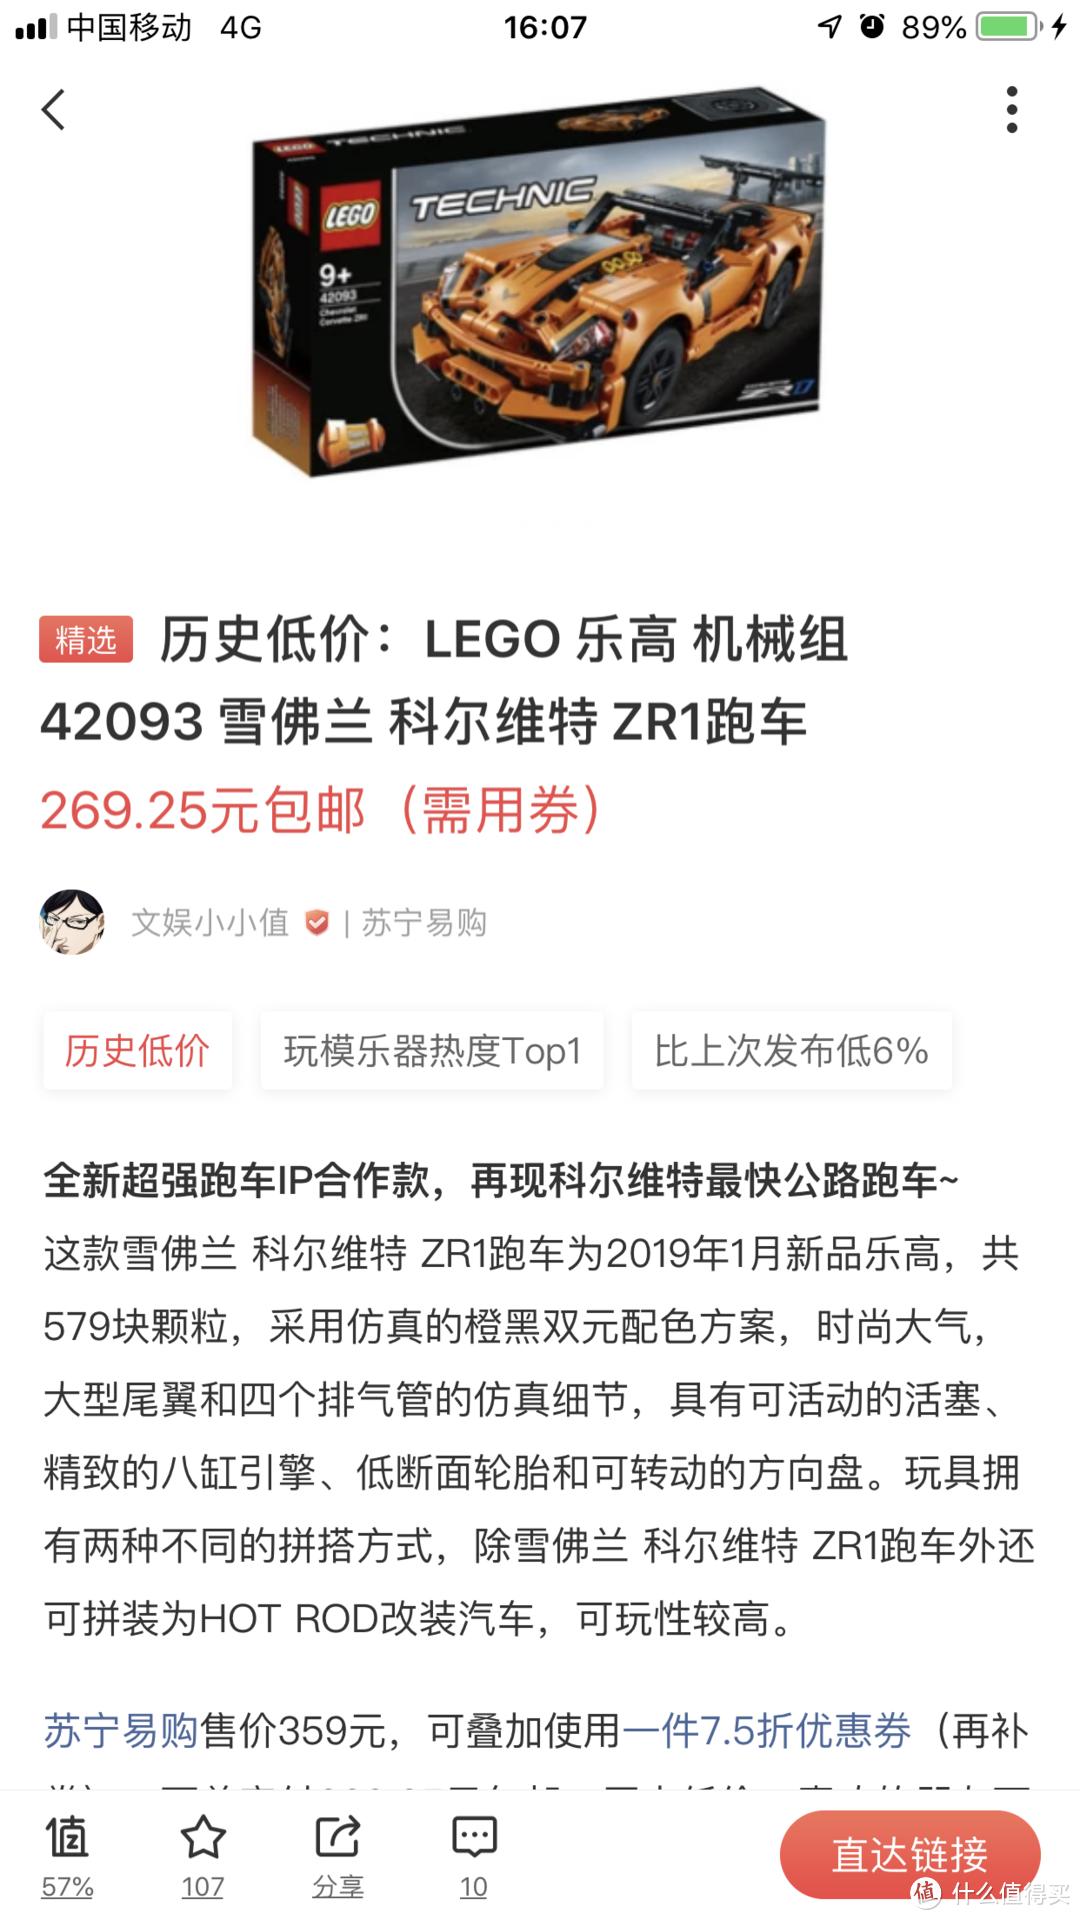 羞涩的第一次 历史课戴表玩积木首回:乐高LEGO 城市组系列60239 警察巡逻车